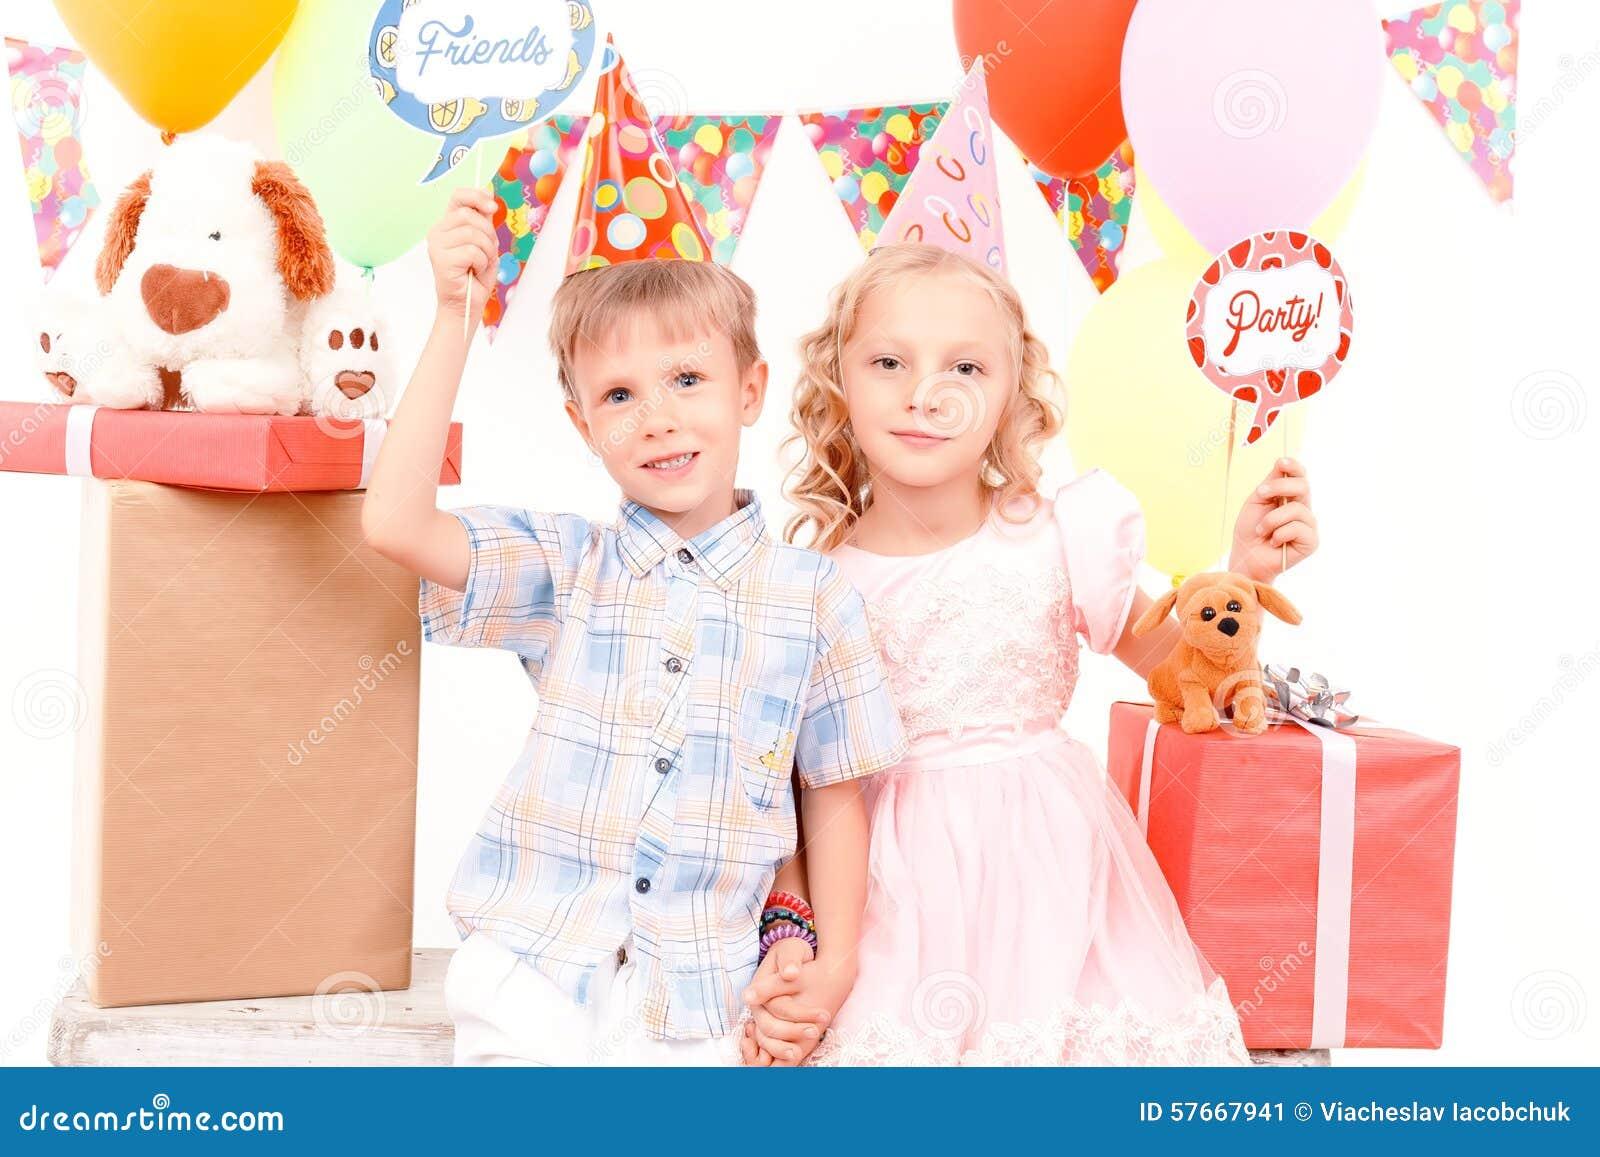 Chłopiec i dziewczyna pozuje podczas przyjęcia urodzinowego